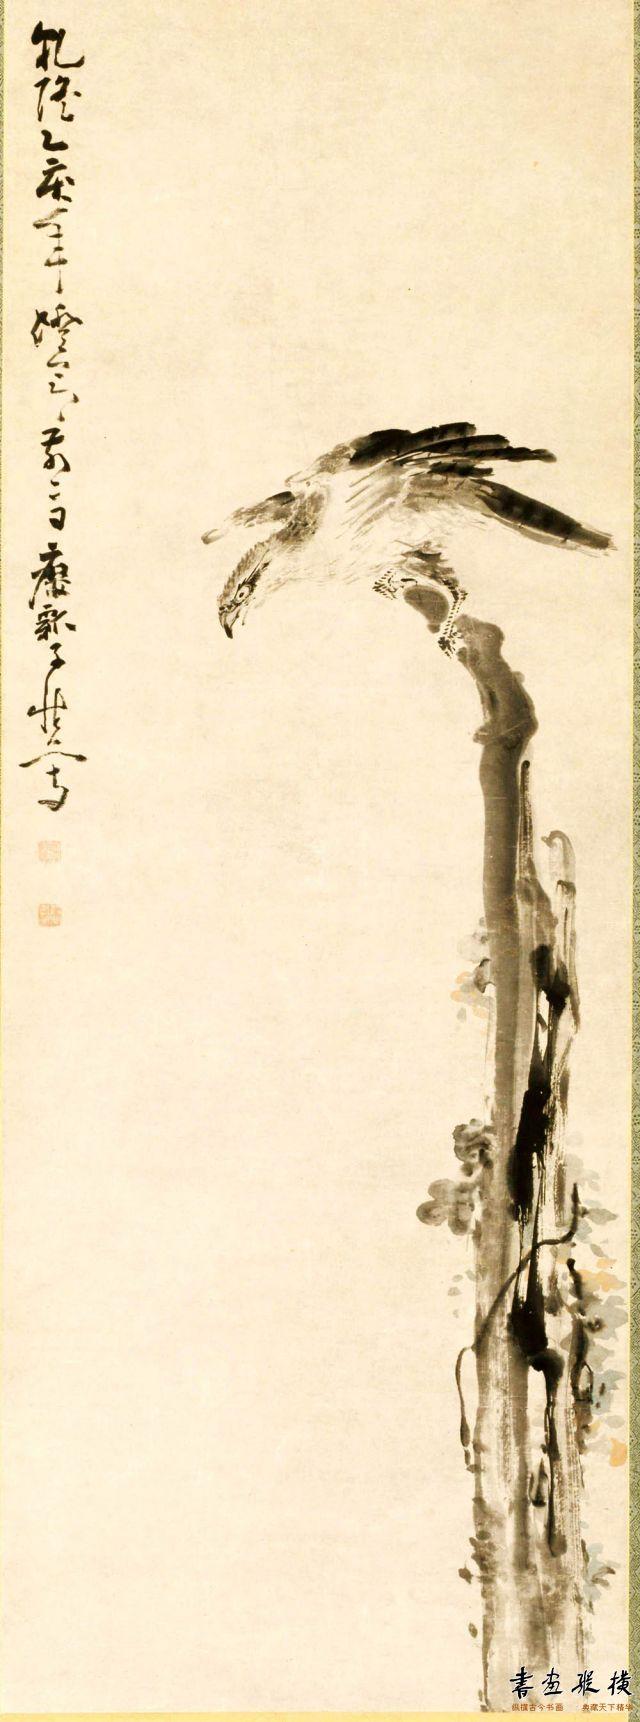 清 黄慎 鹰树图 纸本 墨笔 纵123.3厘米 横234.4厘米 克利夫兰美术馆藏